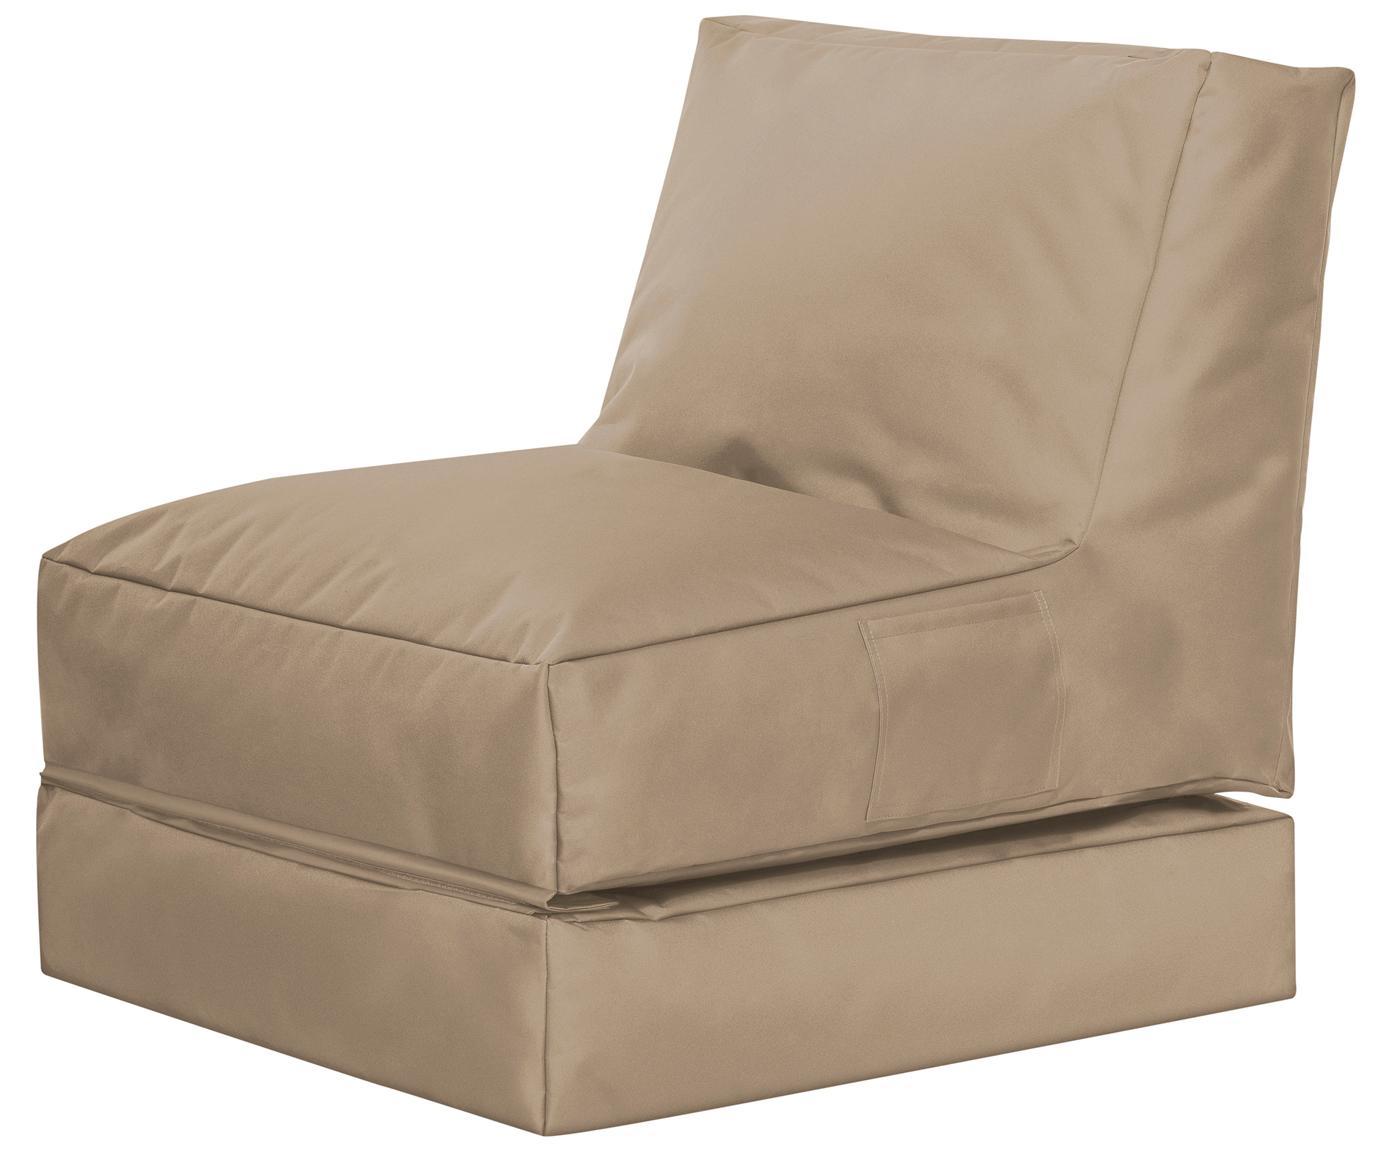 Fotel ogrodowy z funkcją leżenia Pop Up, Tapicerka: 100% poliester Wewnątrz p, Khaki, S 70 x W 80 cm